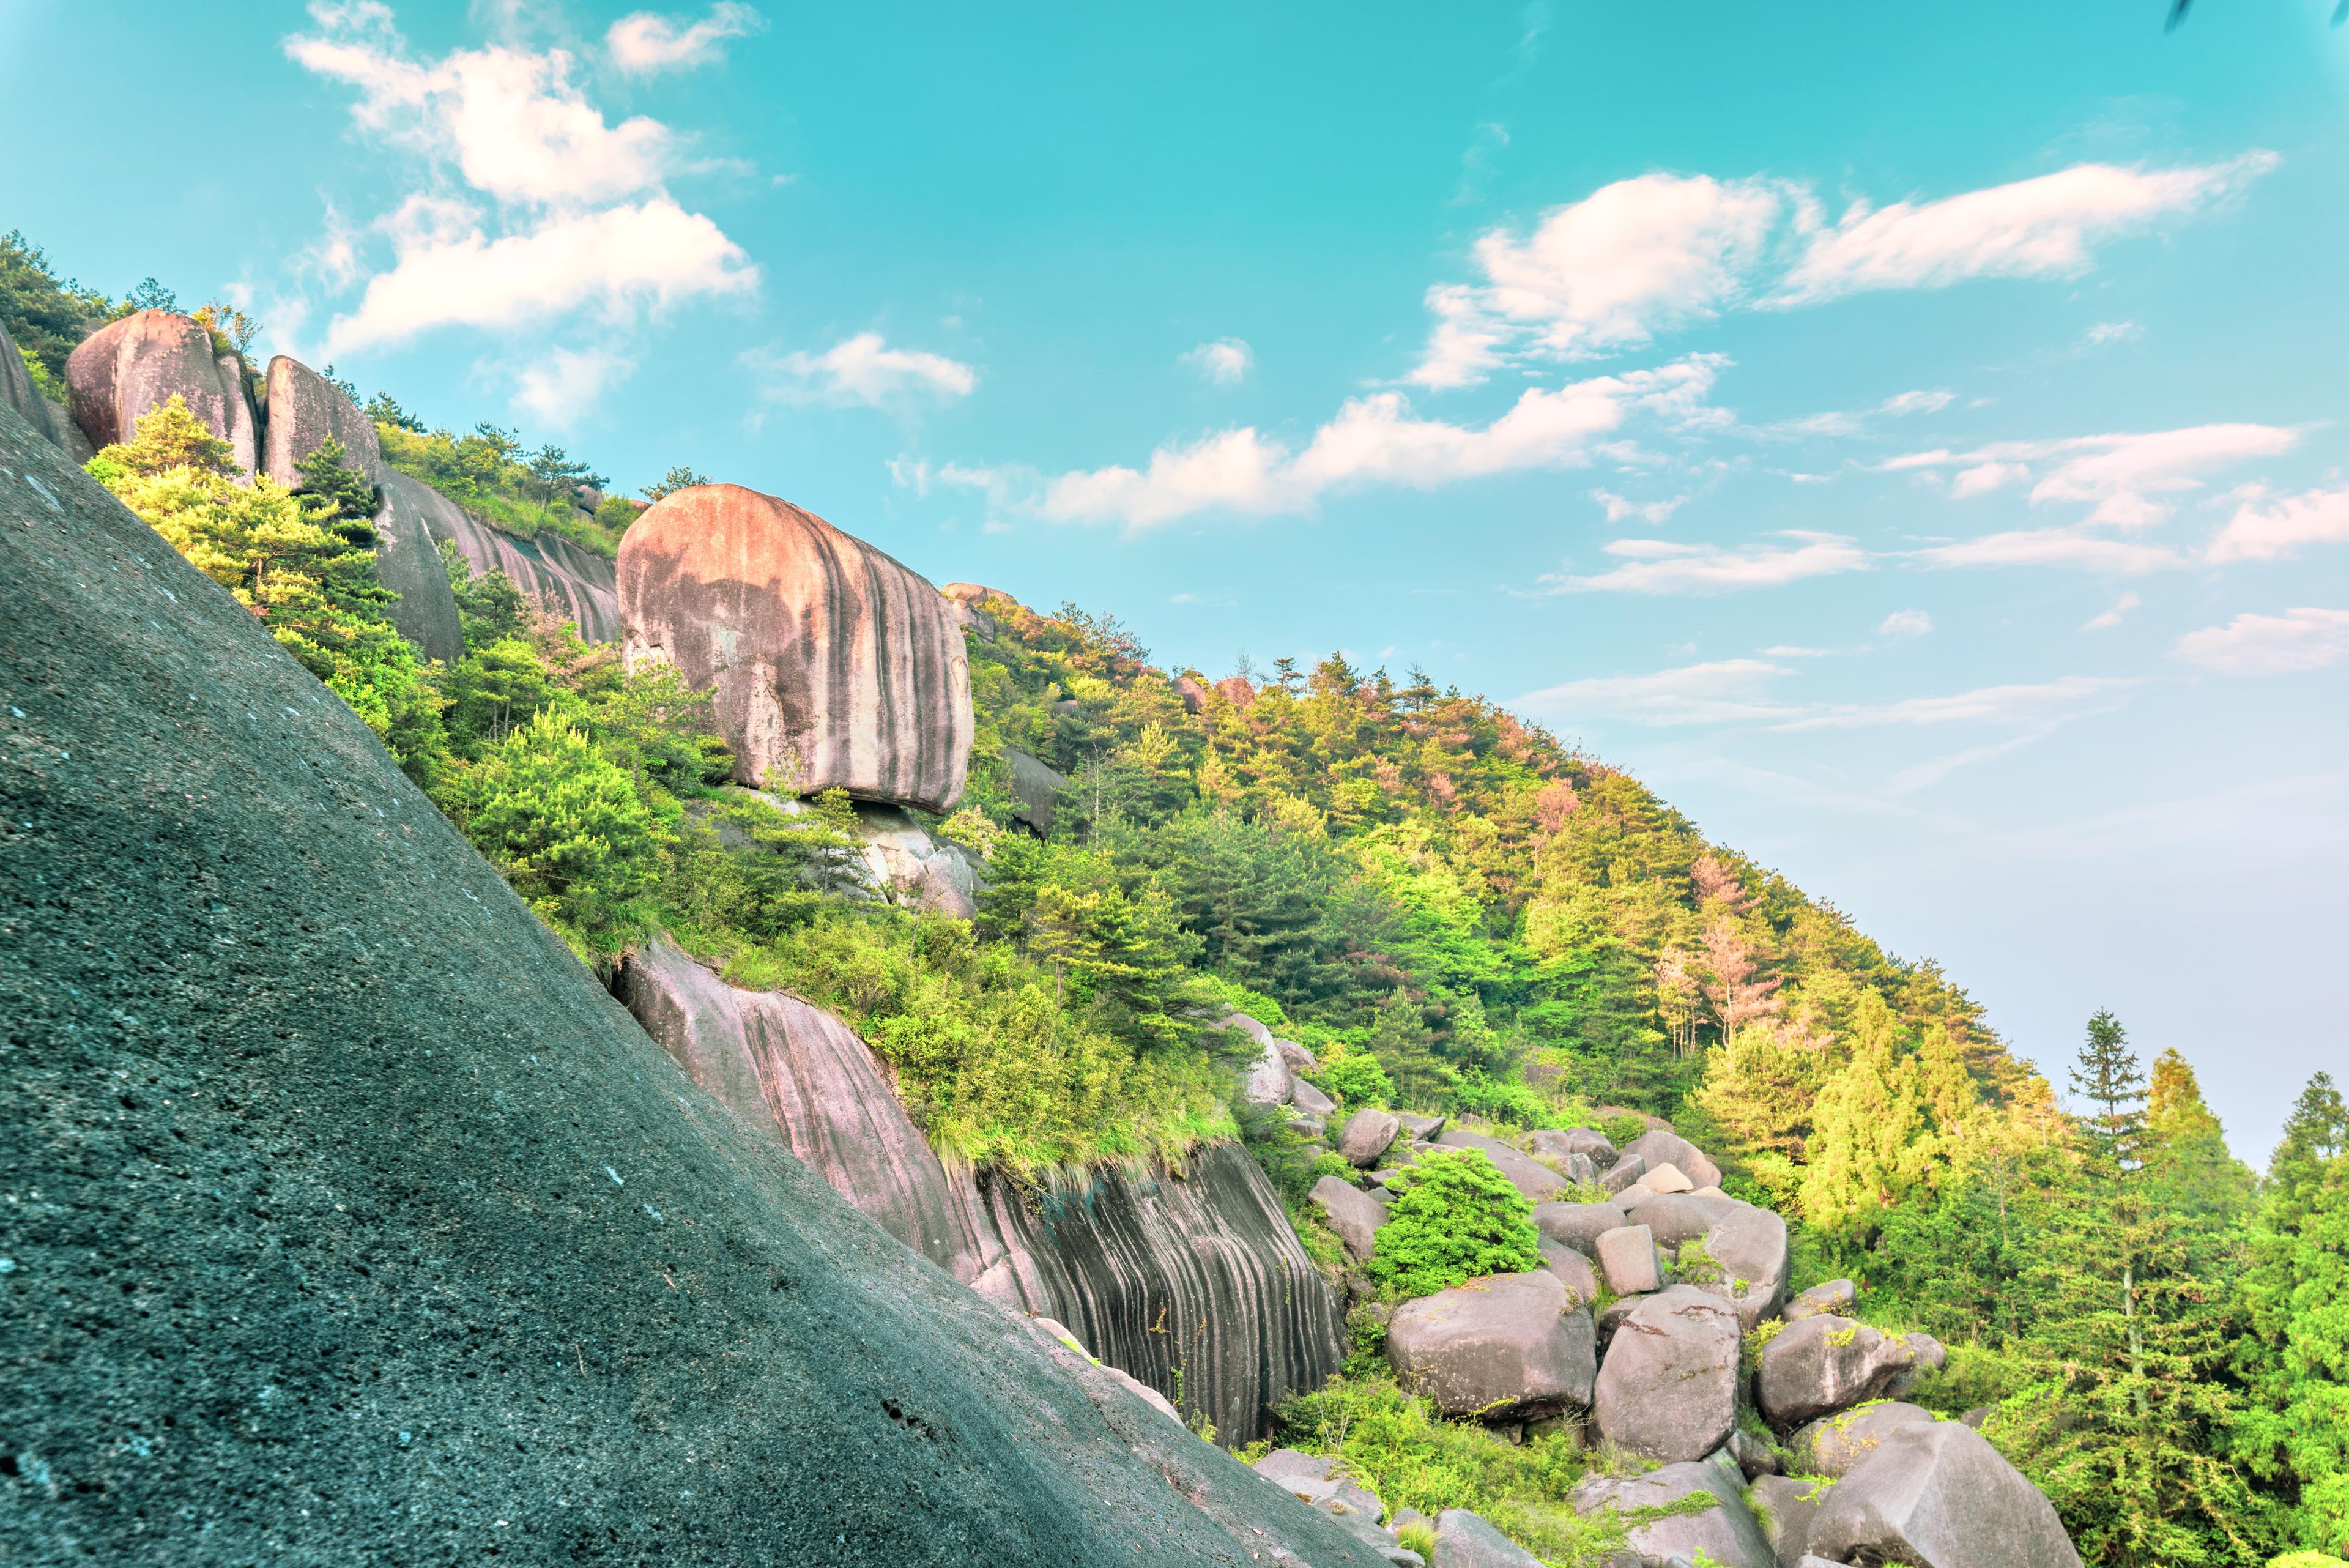 Yucang Mountain of Cangnan